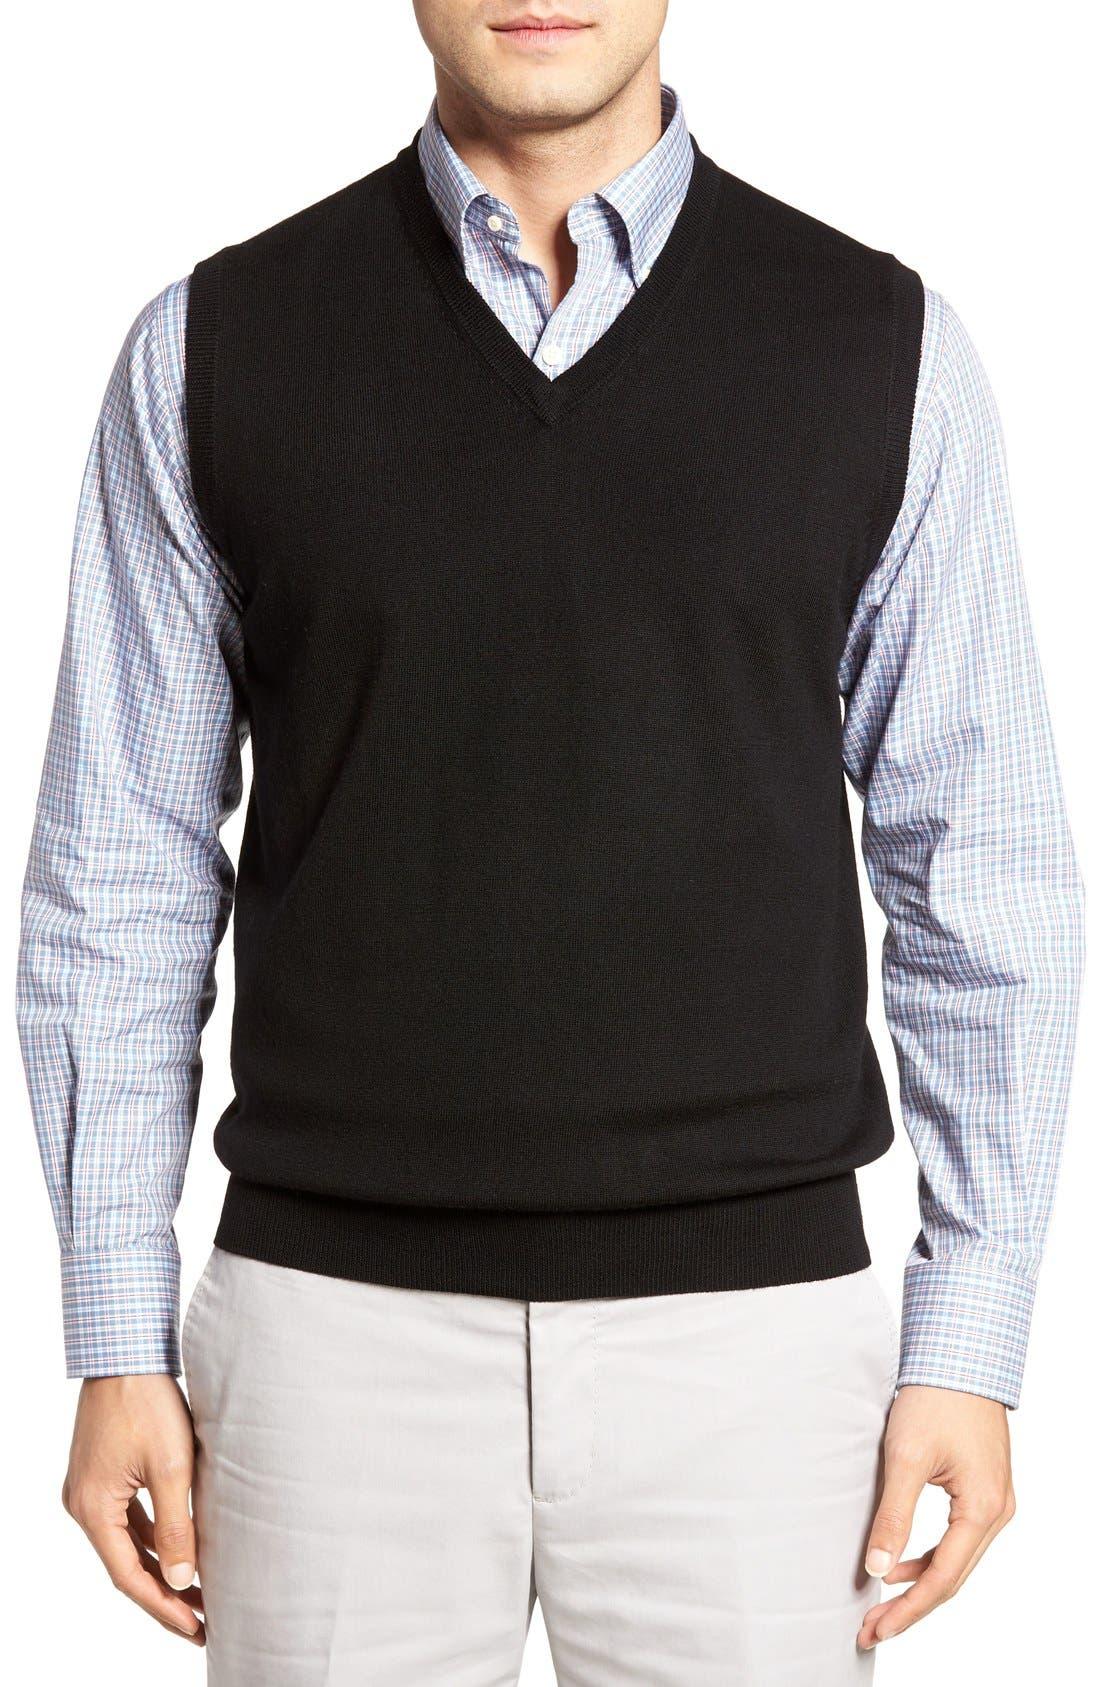 Peter Millar Merino Wool V-Neck Vest